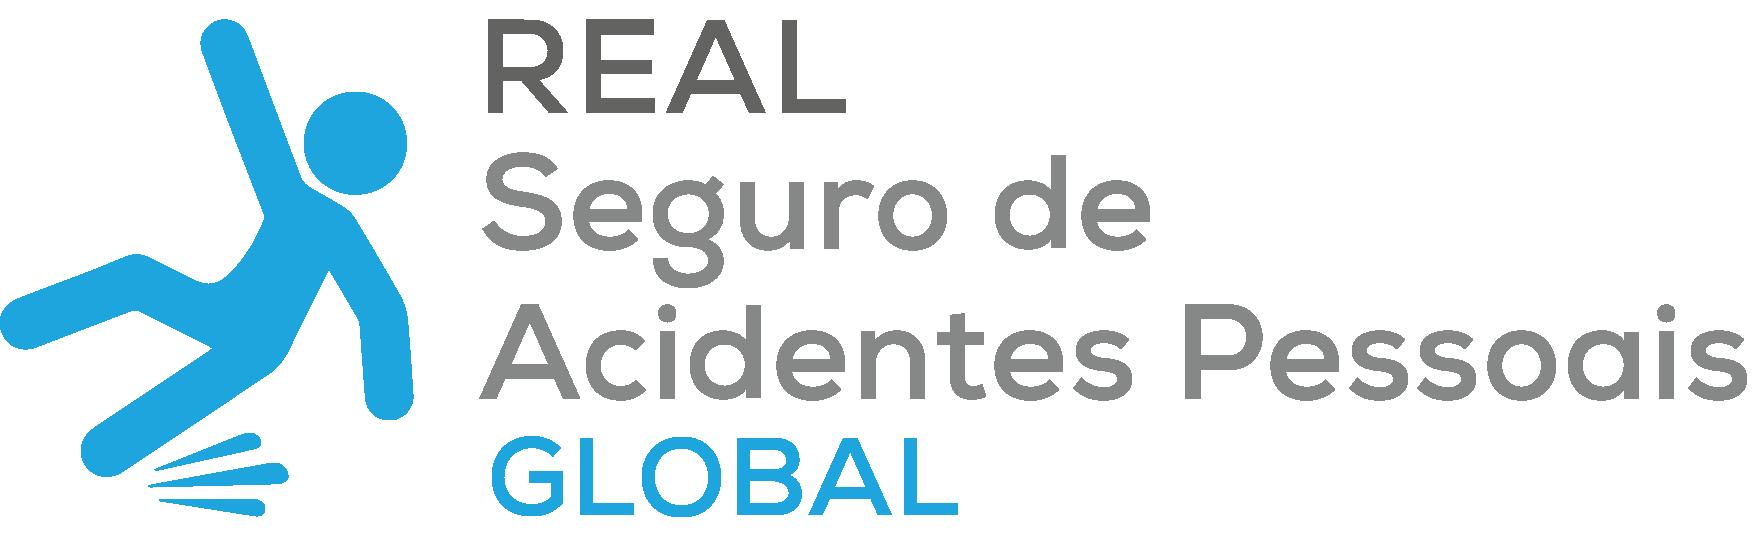 Real Seguro de Acidentes Pessoais Global